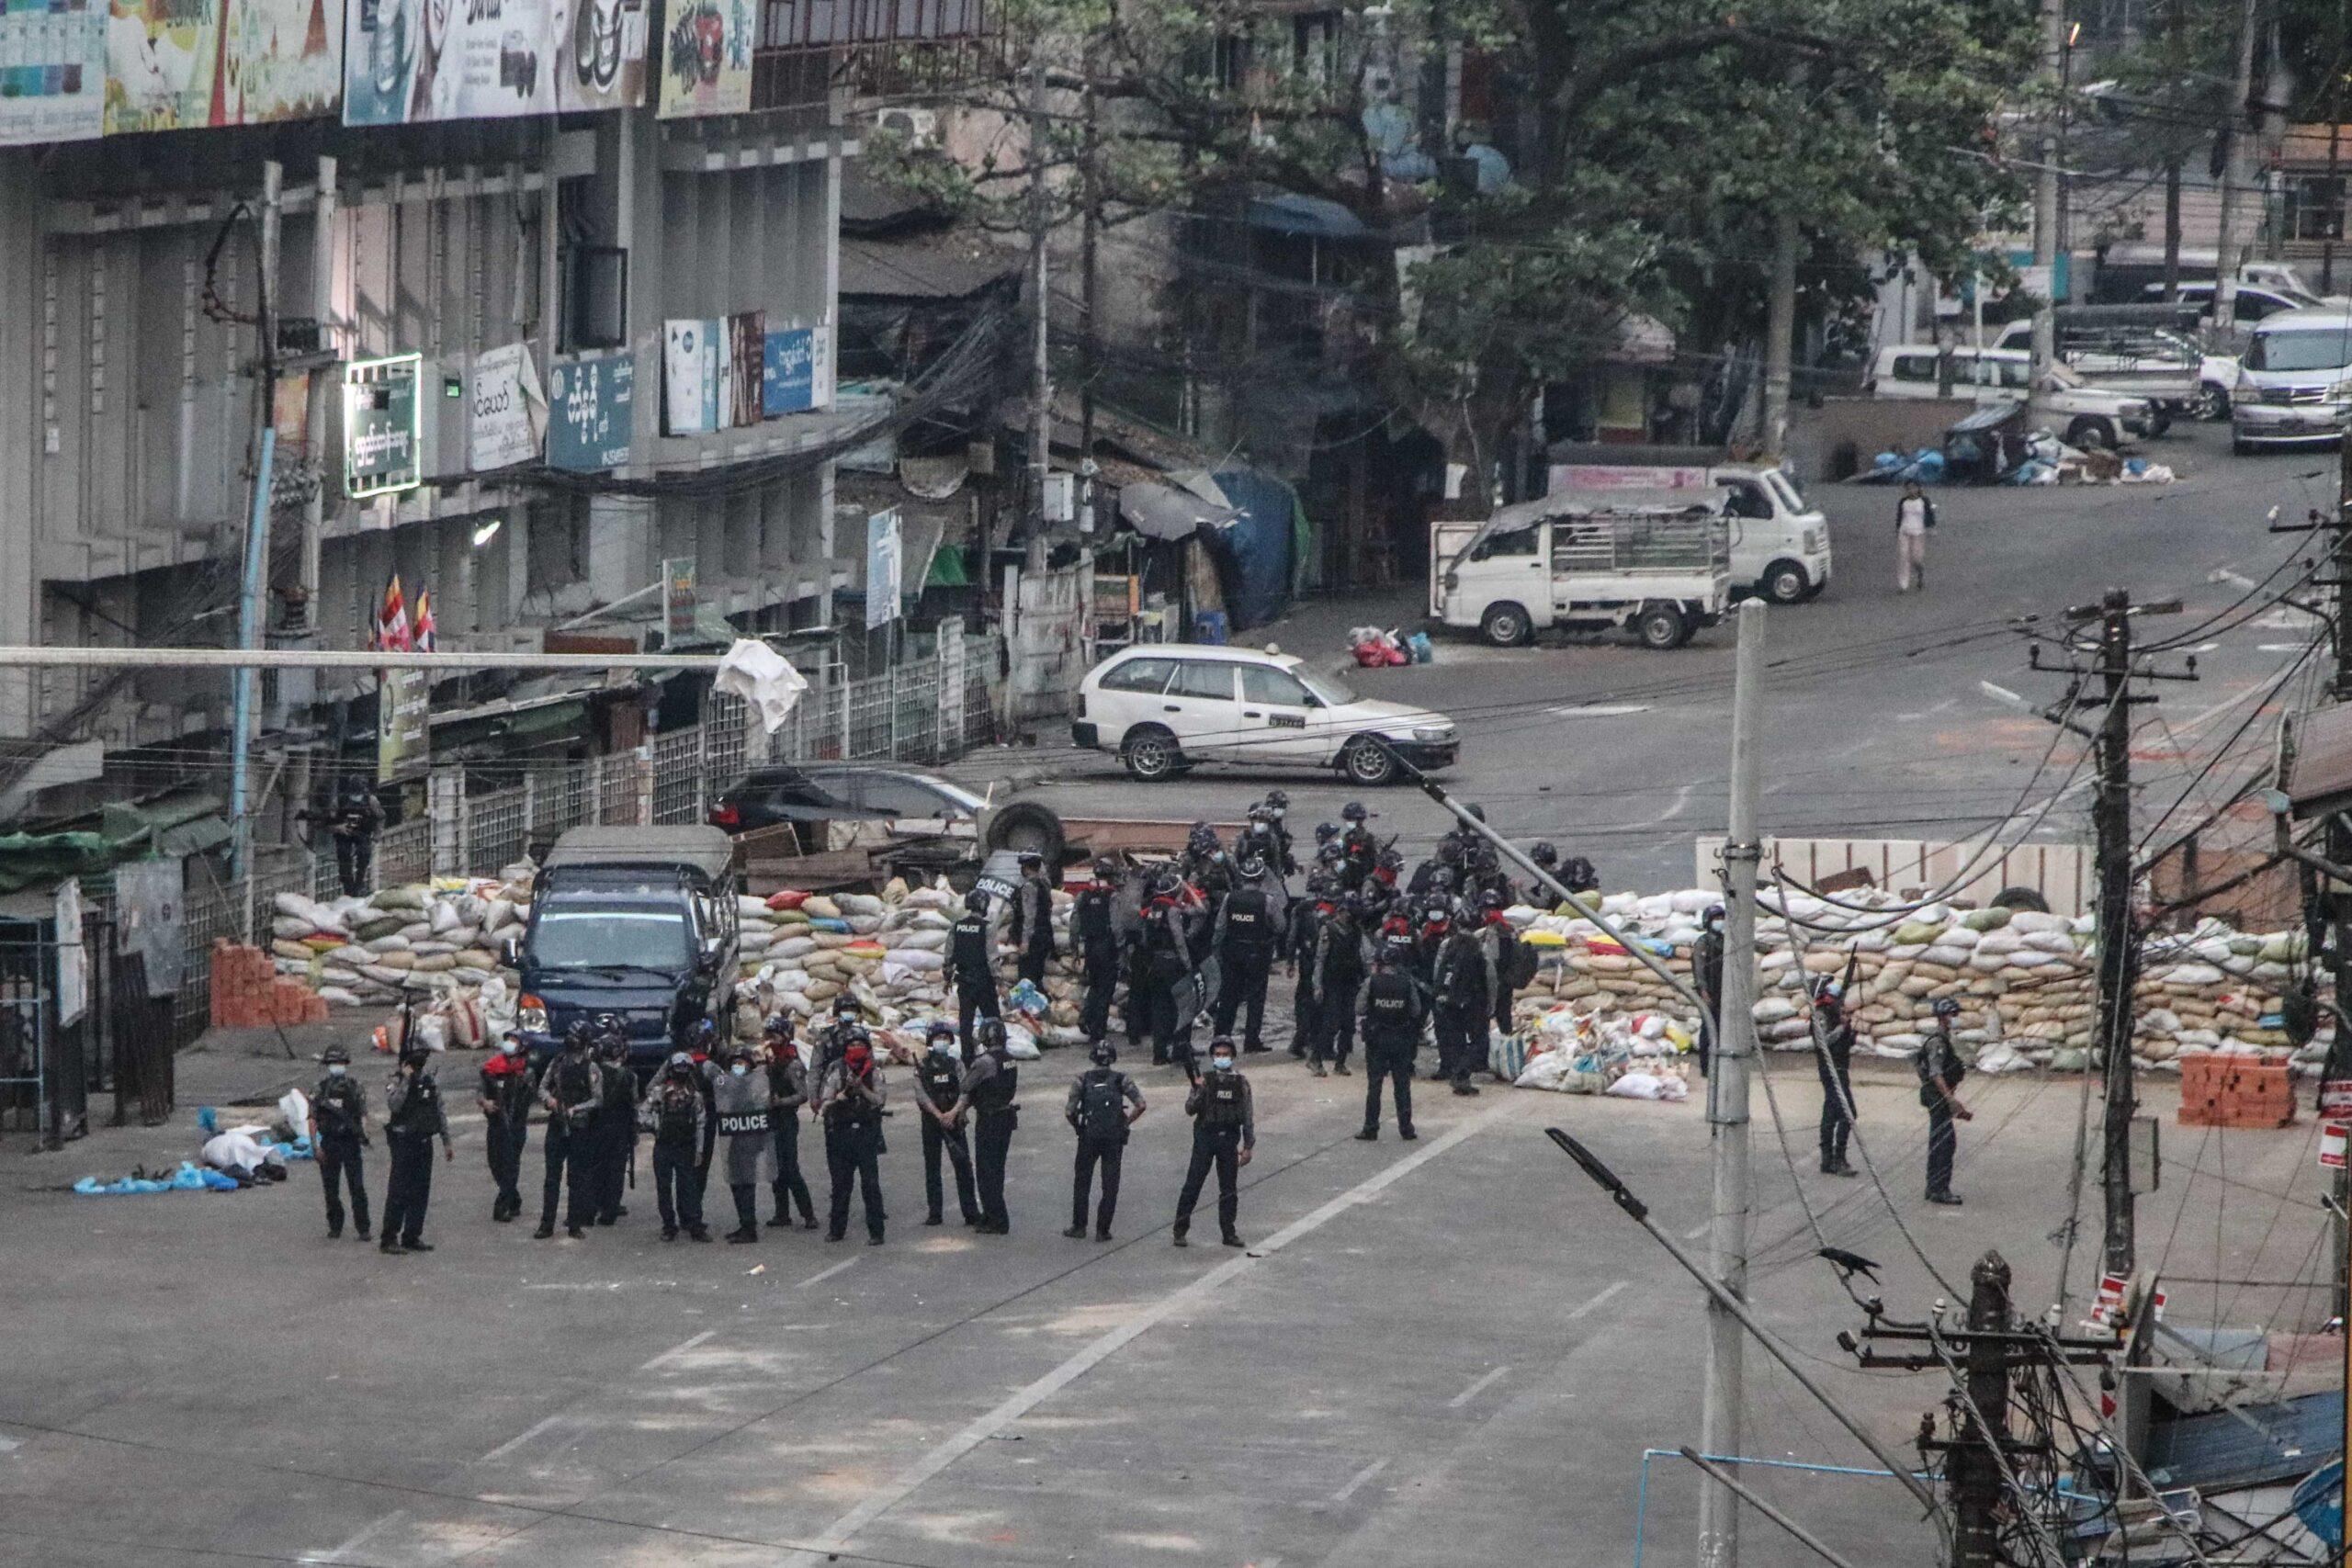 စစ်တပ်ရဲ့ ရာဇဝတ်ကျူးလွန်မှုမှတ်တမ်းတွေကို ကုလစုံစမ်းရေးအဖွဲ့ စုဆောင်း